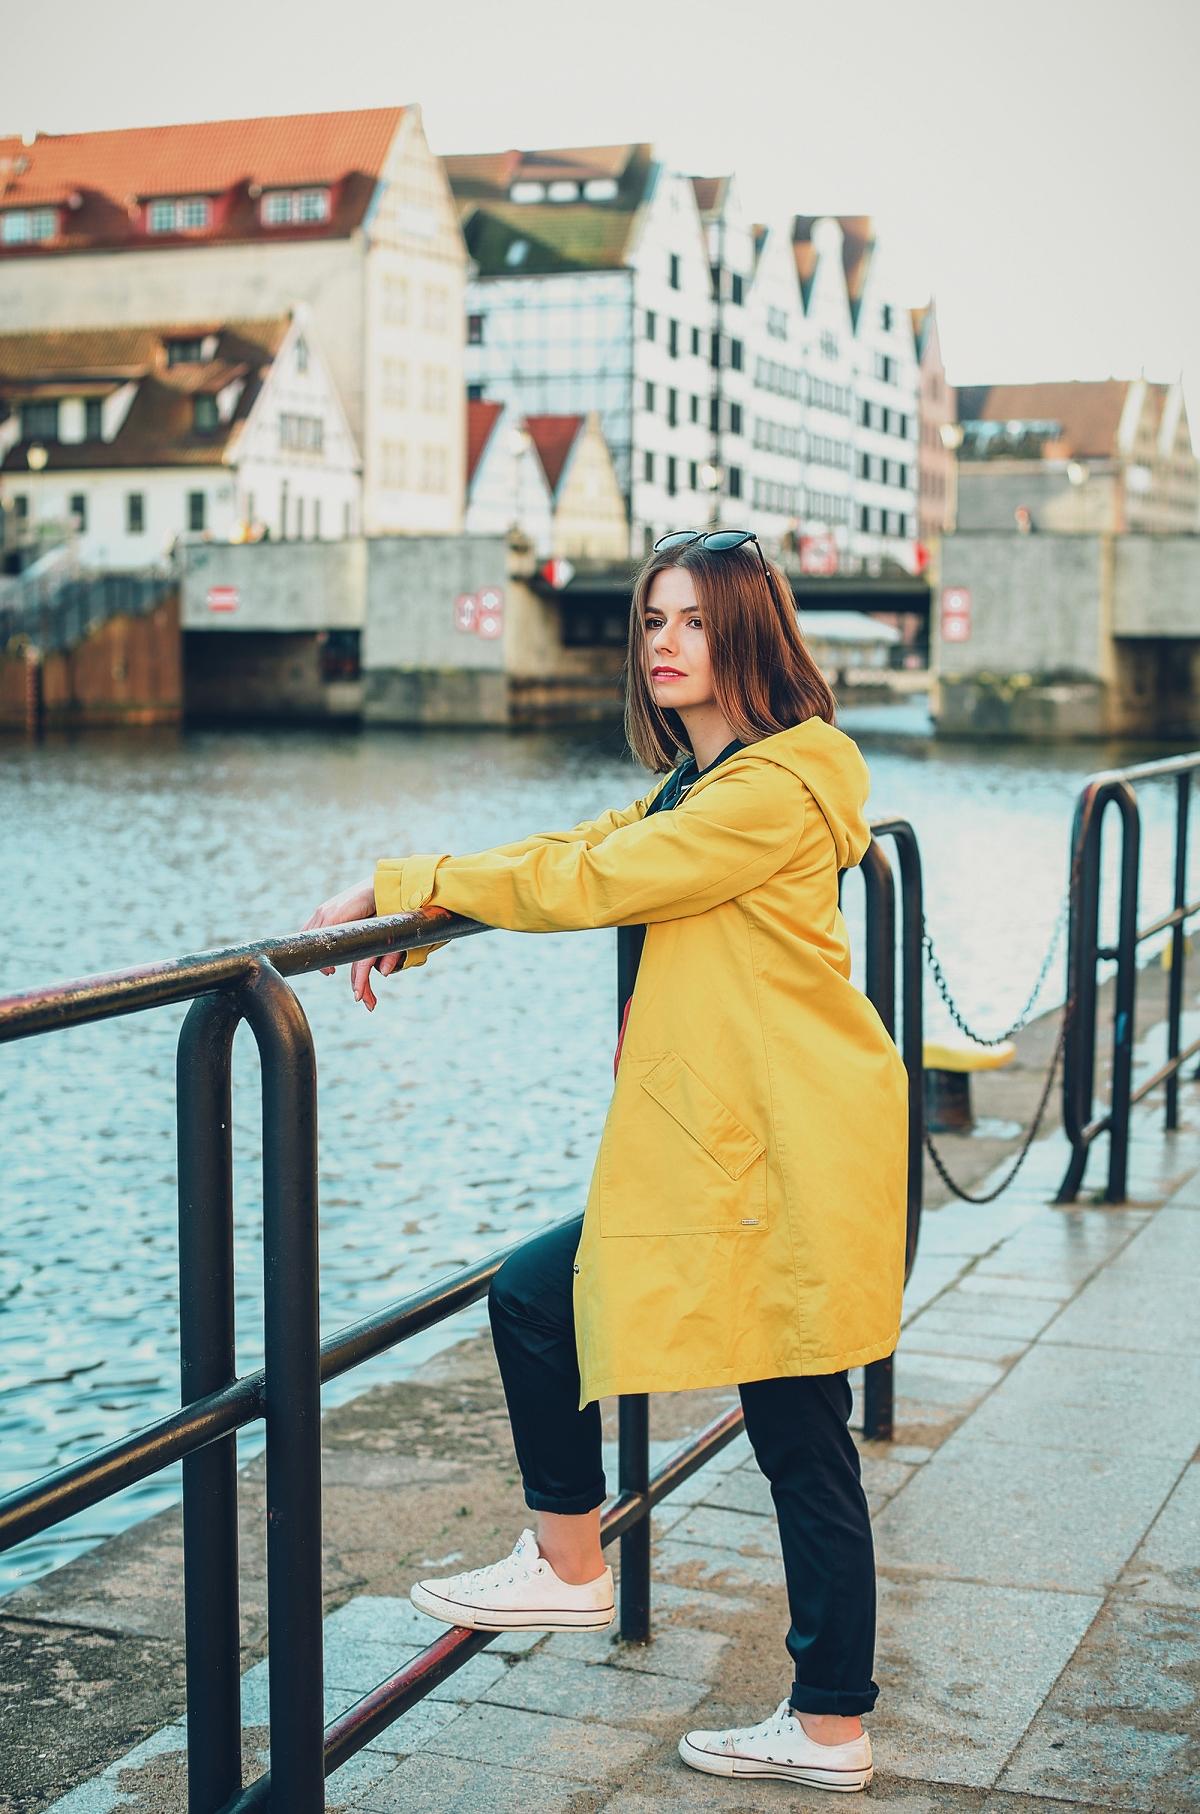 żółty sztormiak przeciwdeszczowa kurtka stylizacja blog modowy